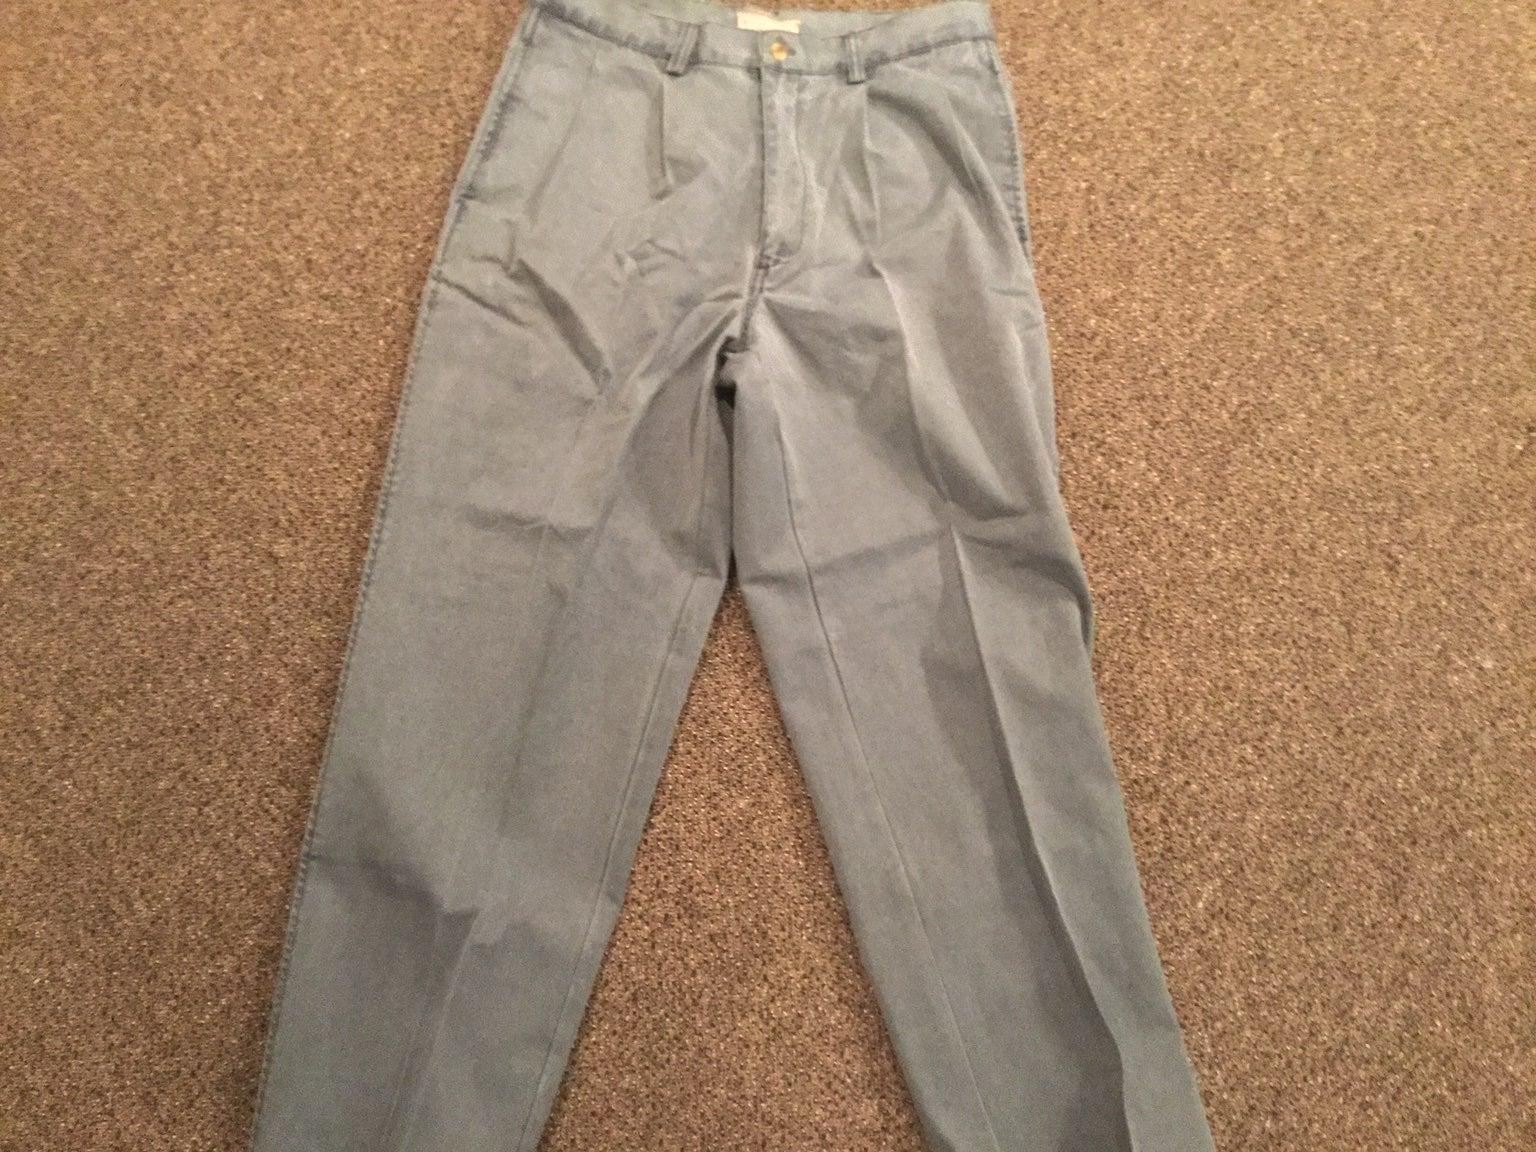 Bugle Boy Men's Pants, Size 33W 30L